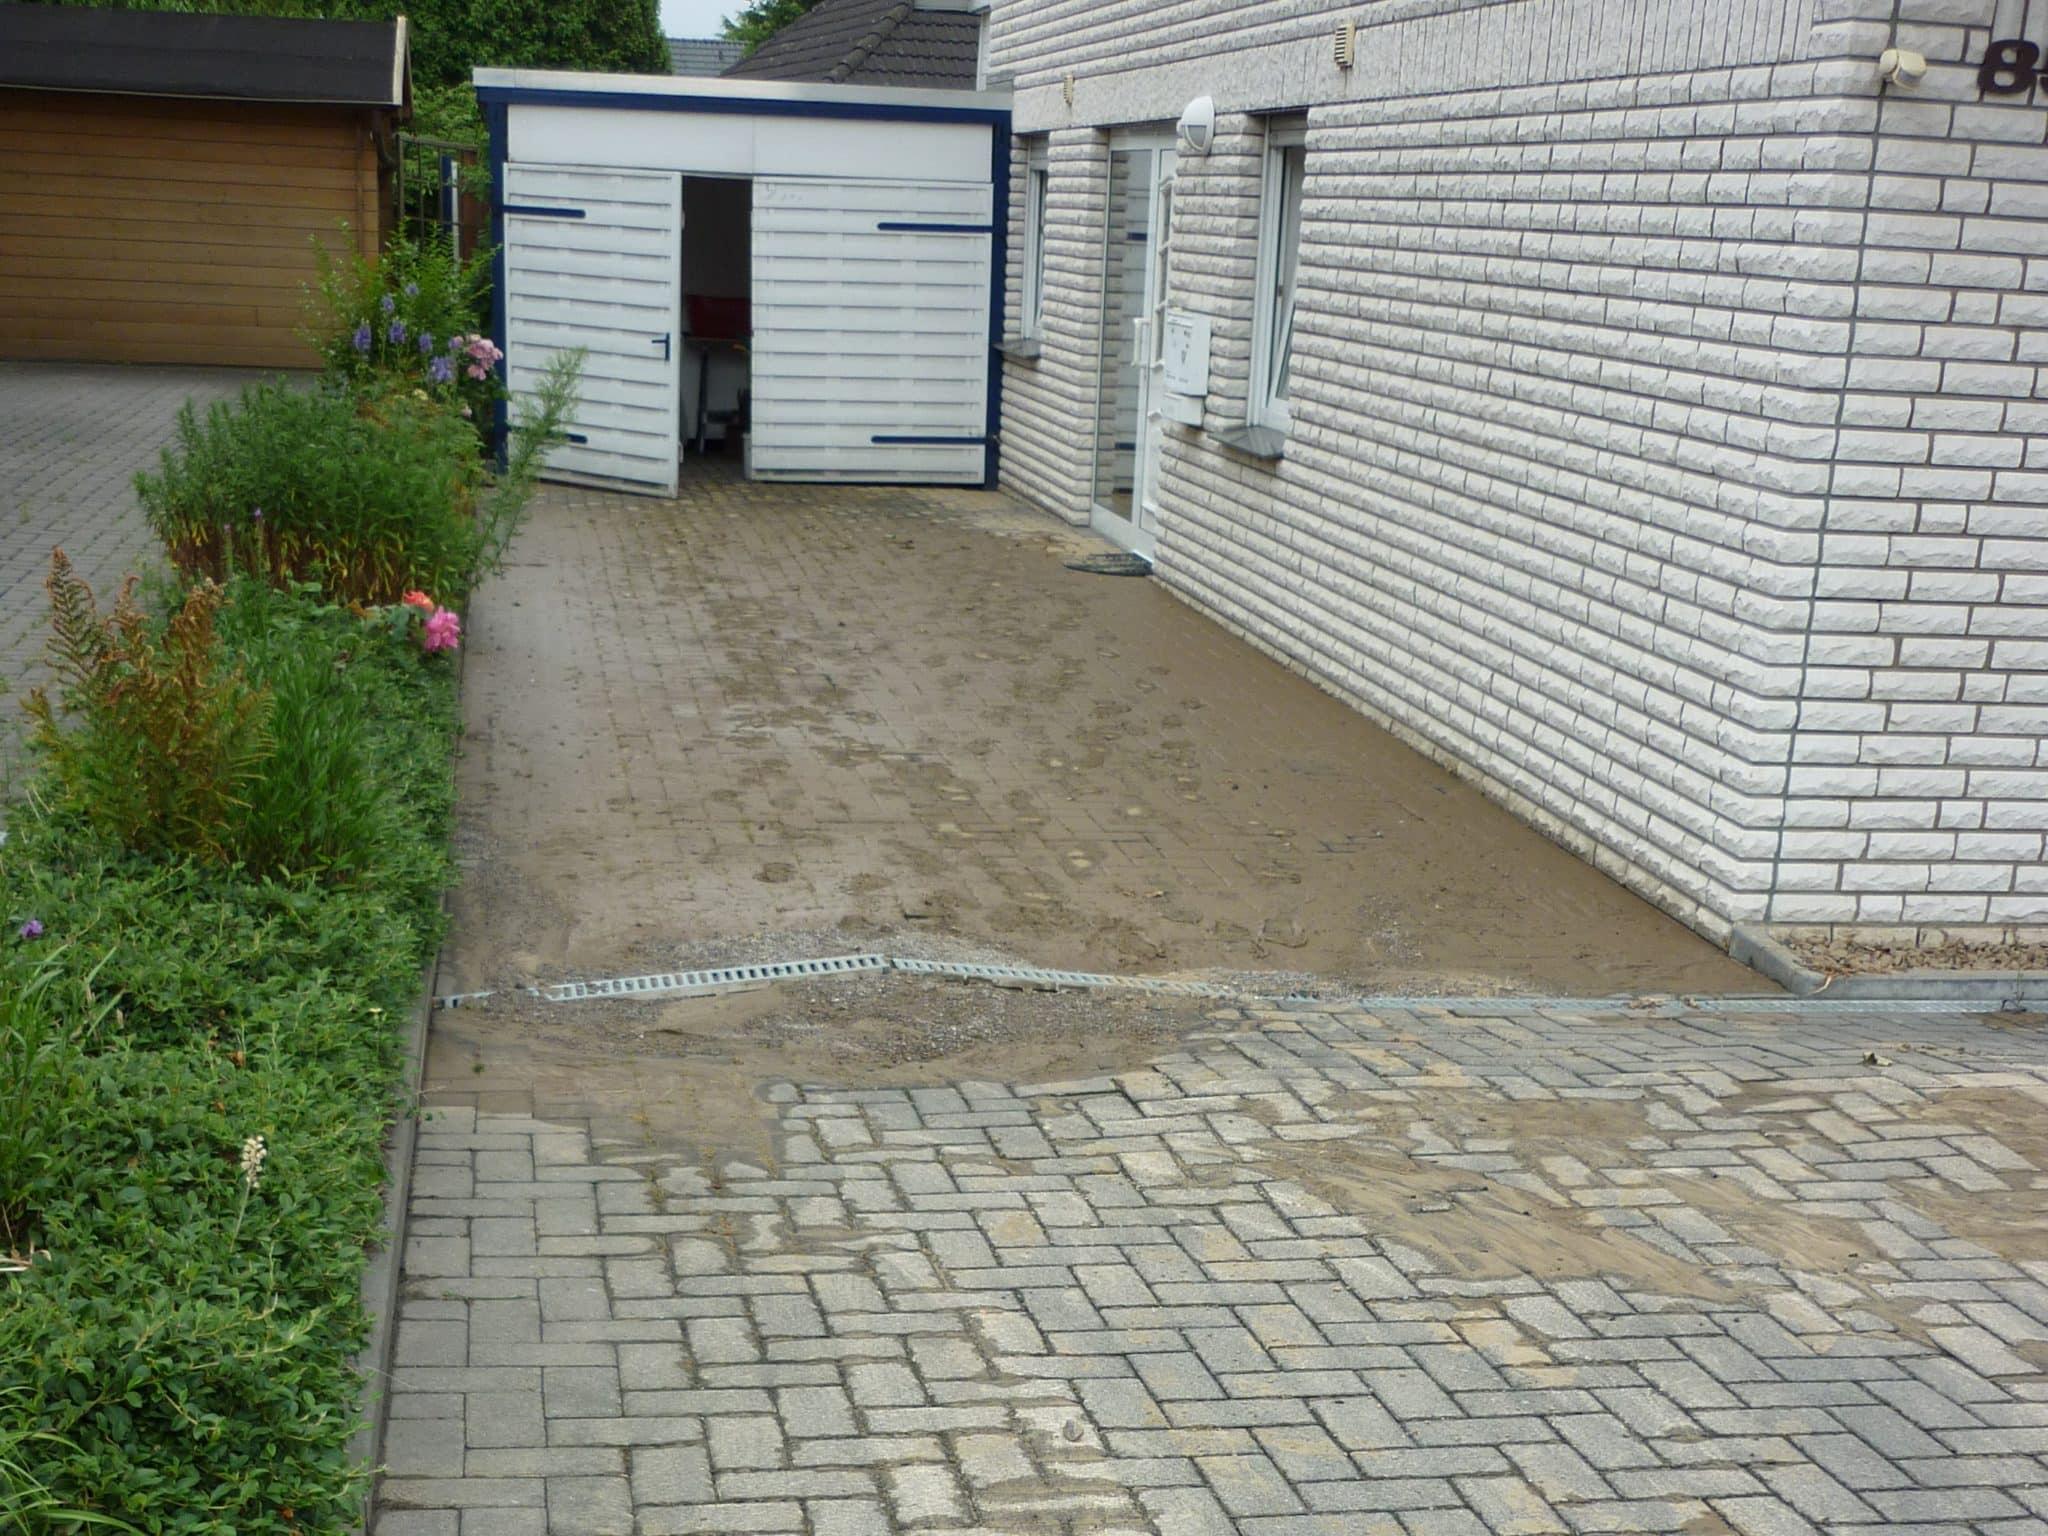 Reinigung nach Rohrbruch der Hauptleitung in der Strasse Bad Oeynhausen